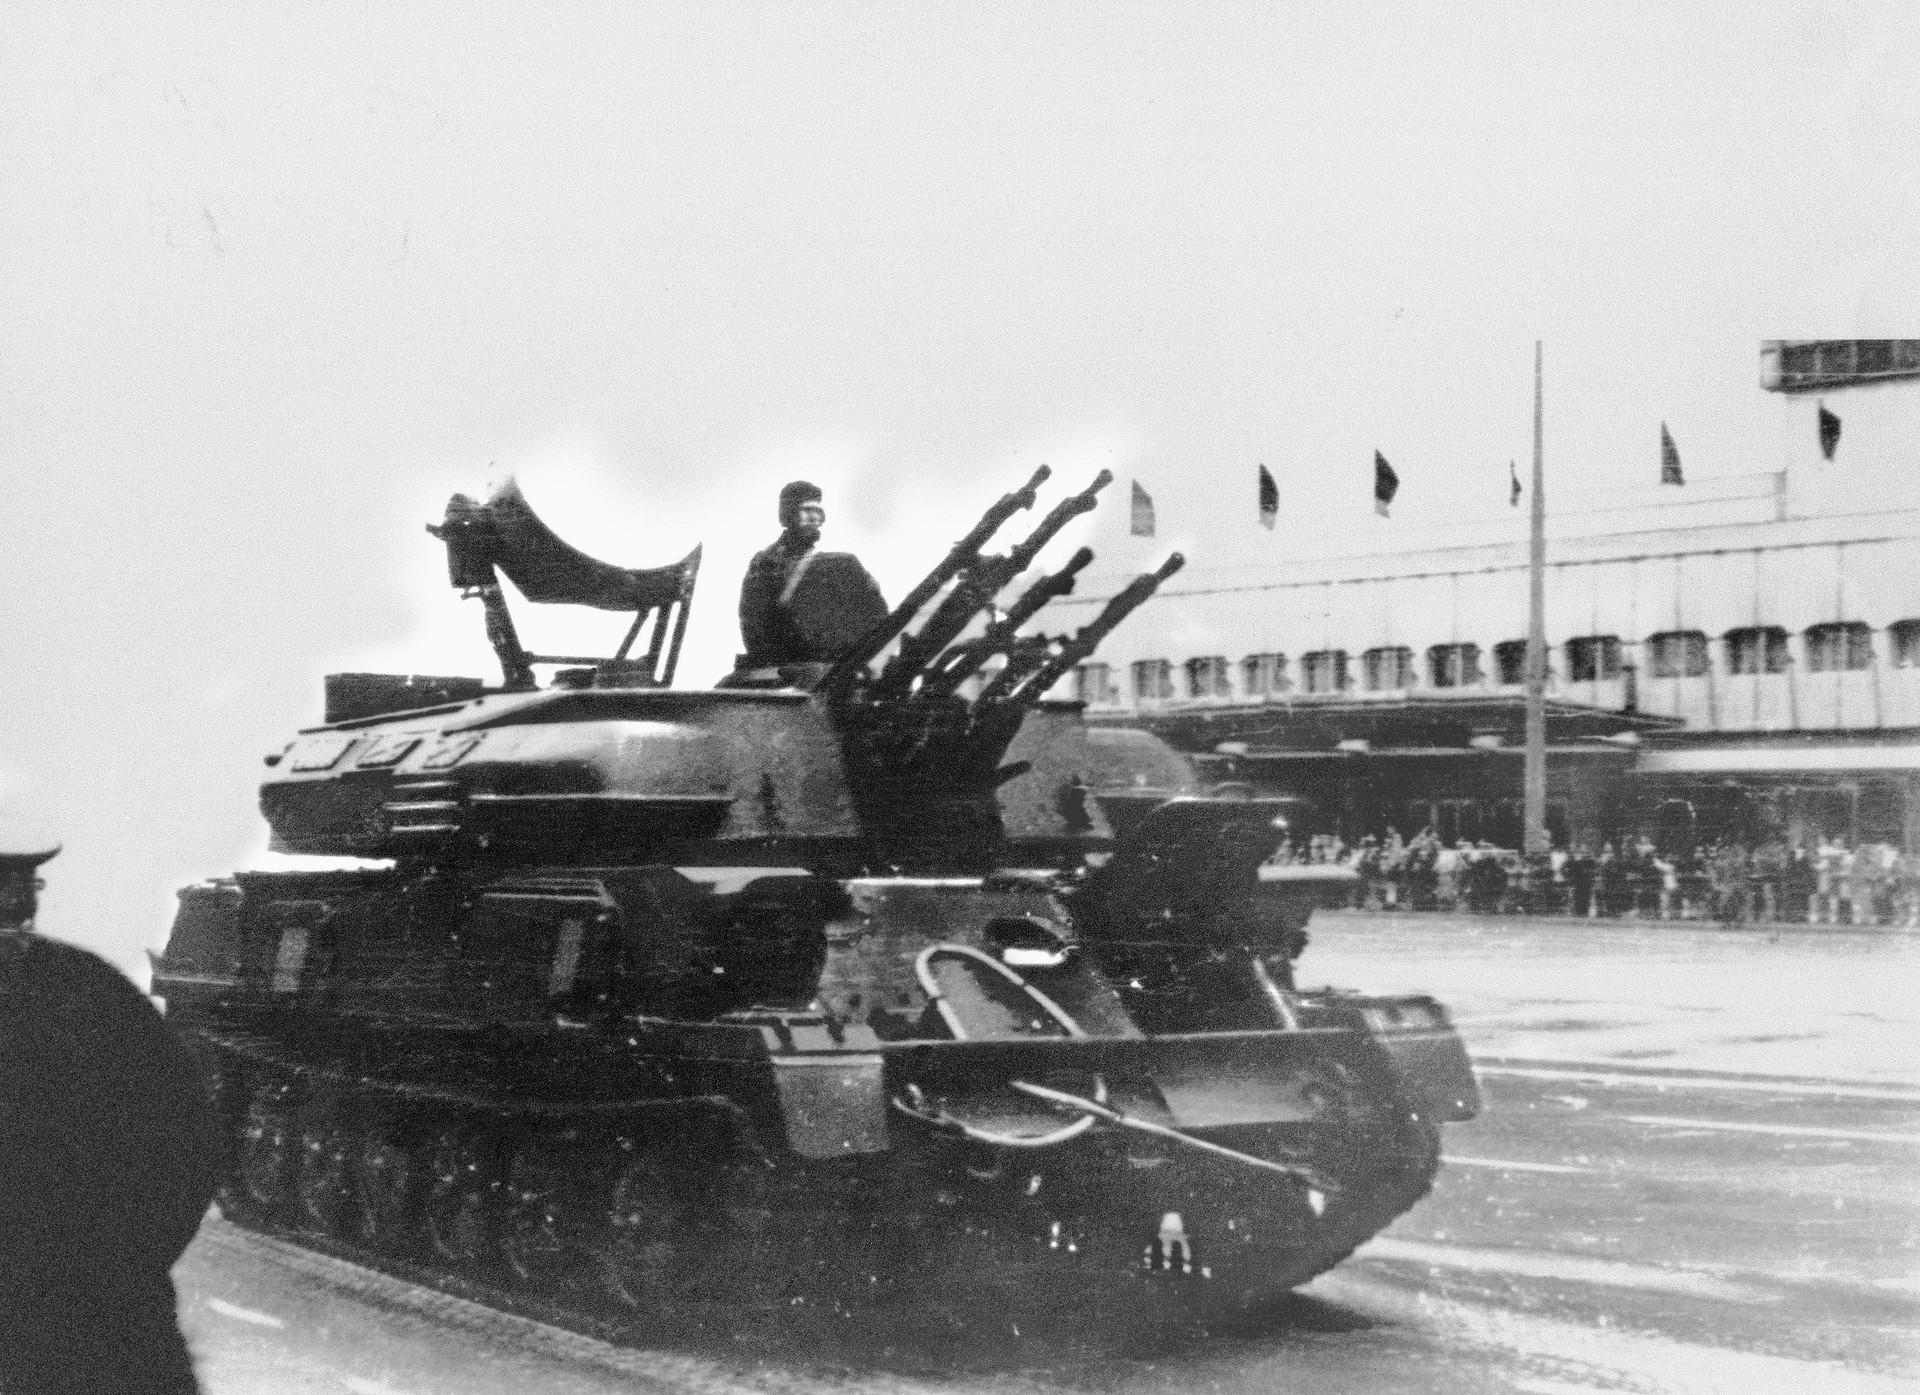 El ZSU-23-4 Shilka en 1977.